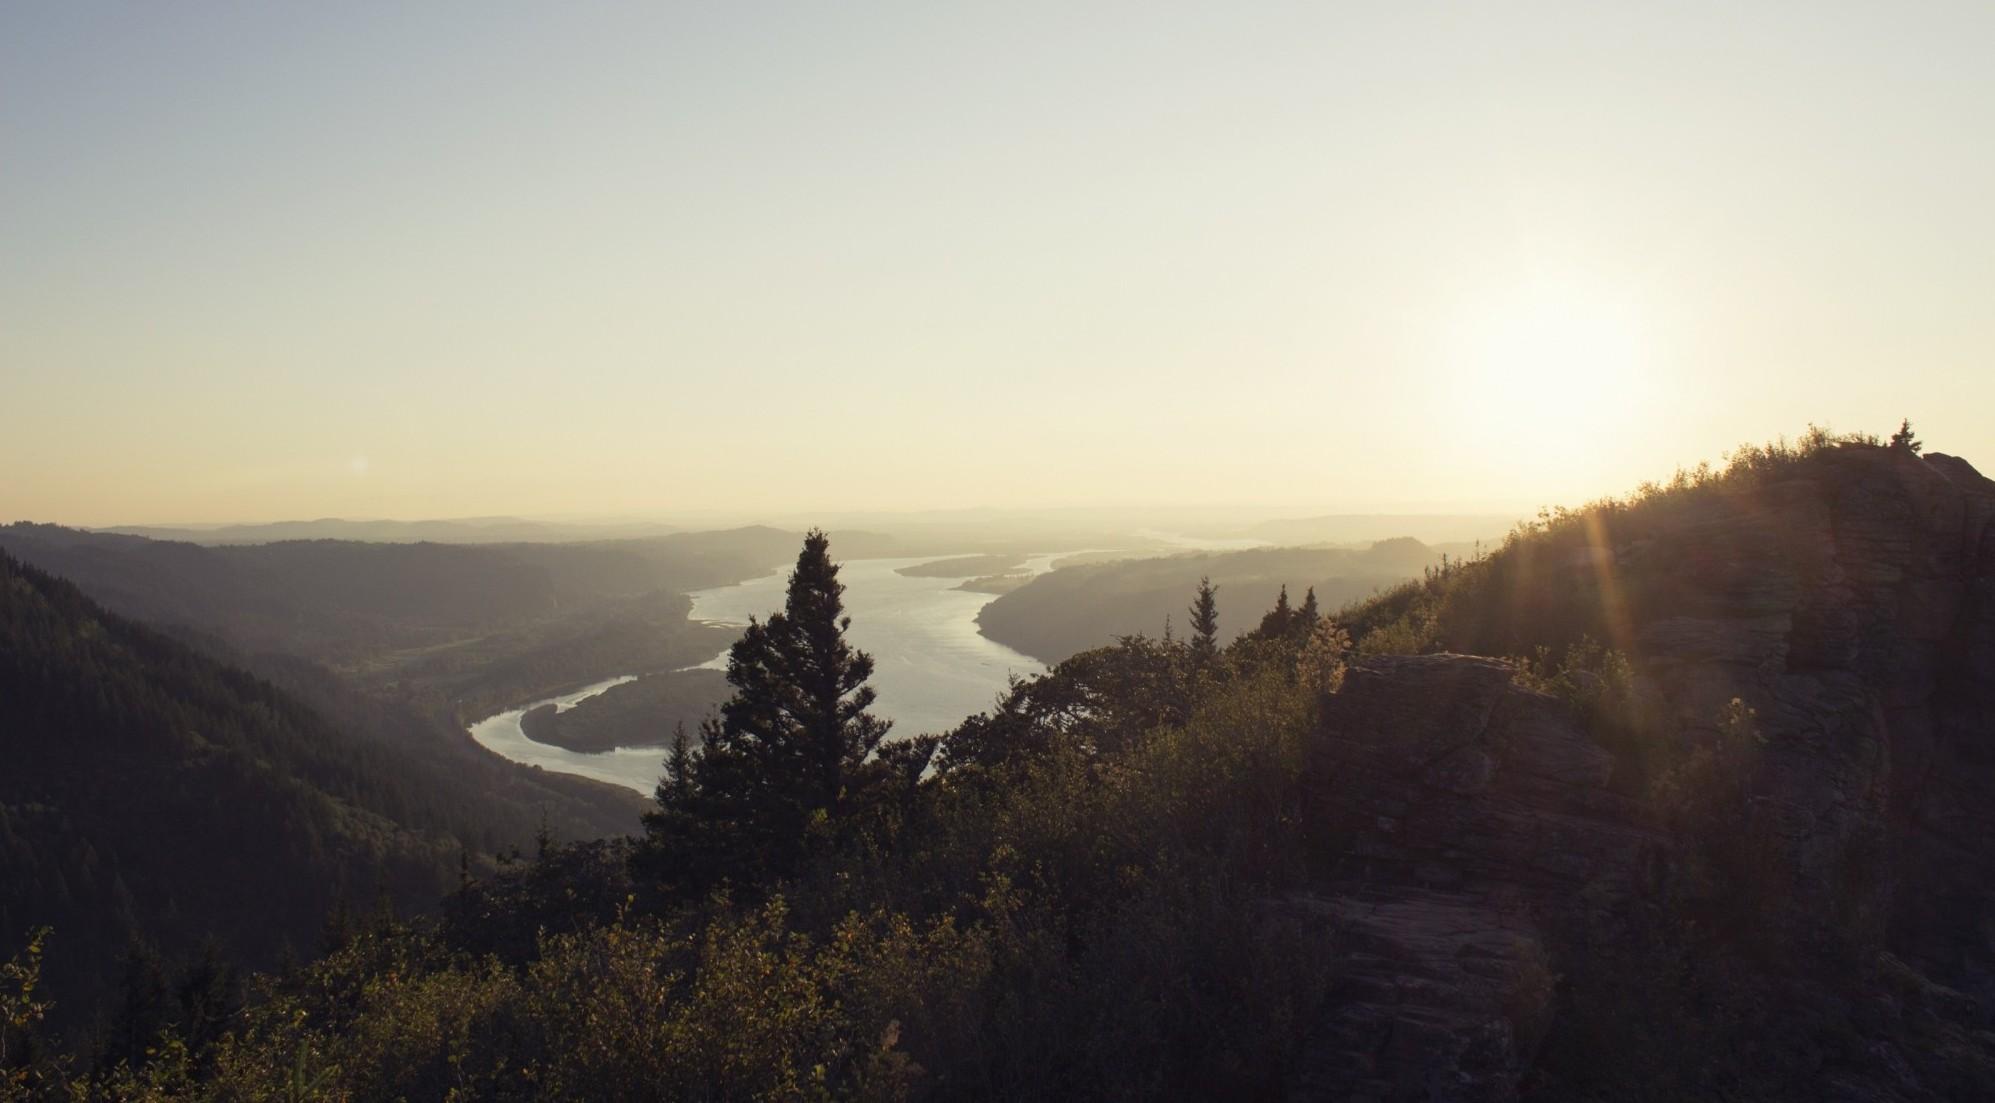 dawn-landscape-mountains-nature-1